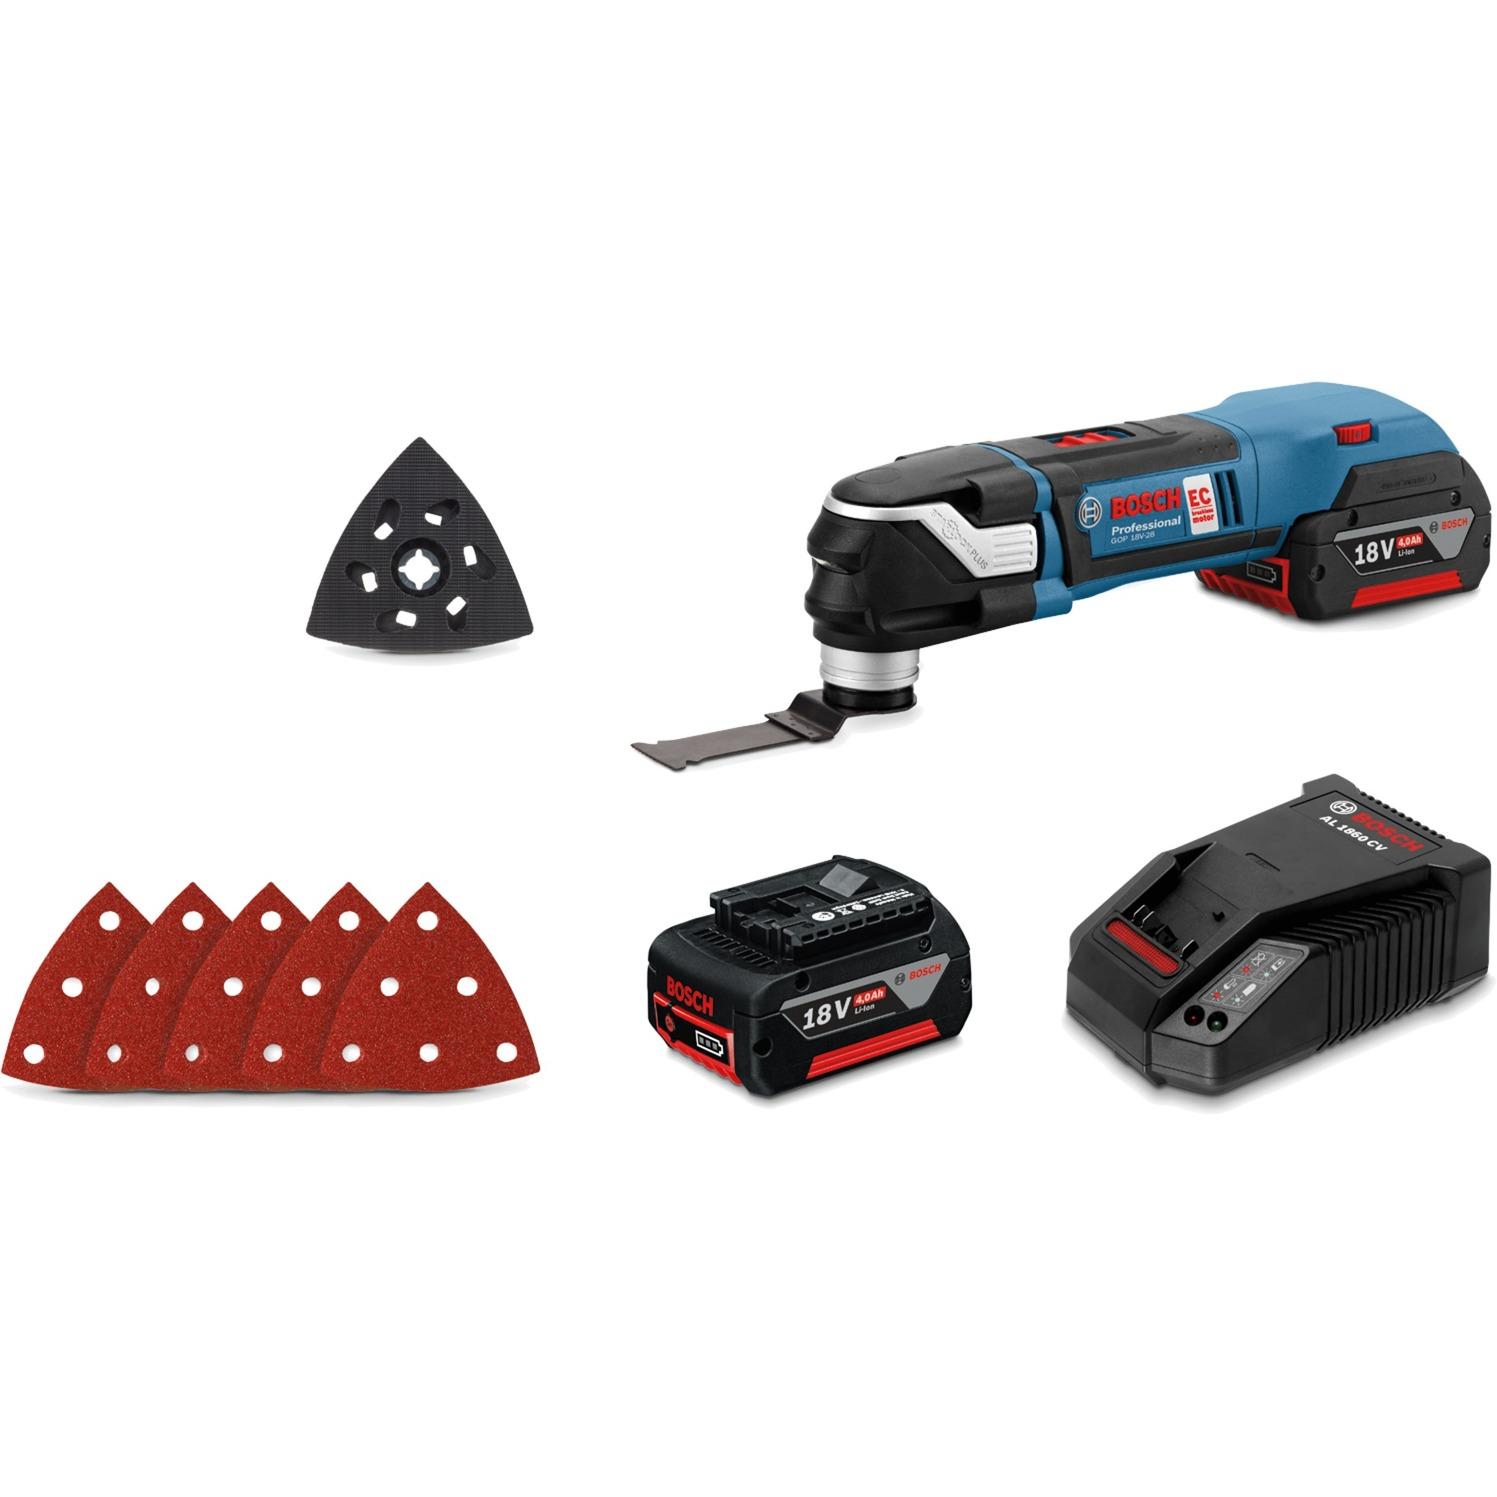 0 601 8B6 003 multiherramienta eléctrica 8000 RPM Negro, Azul, Herramienta multifunción